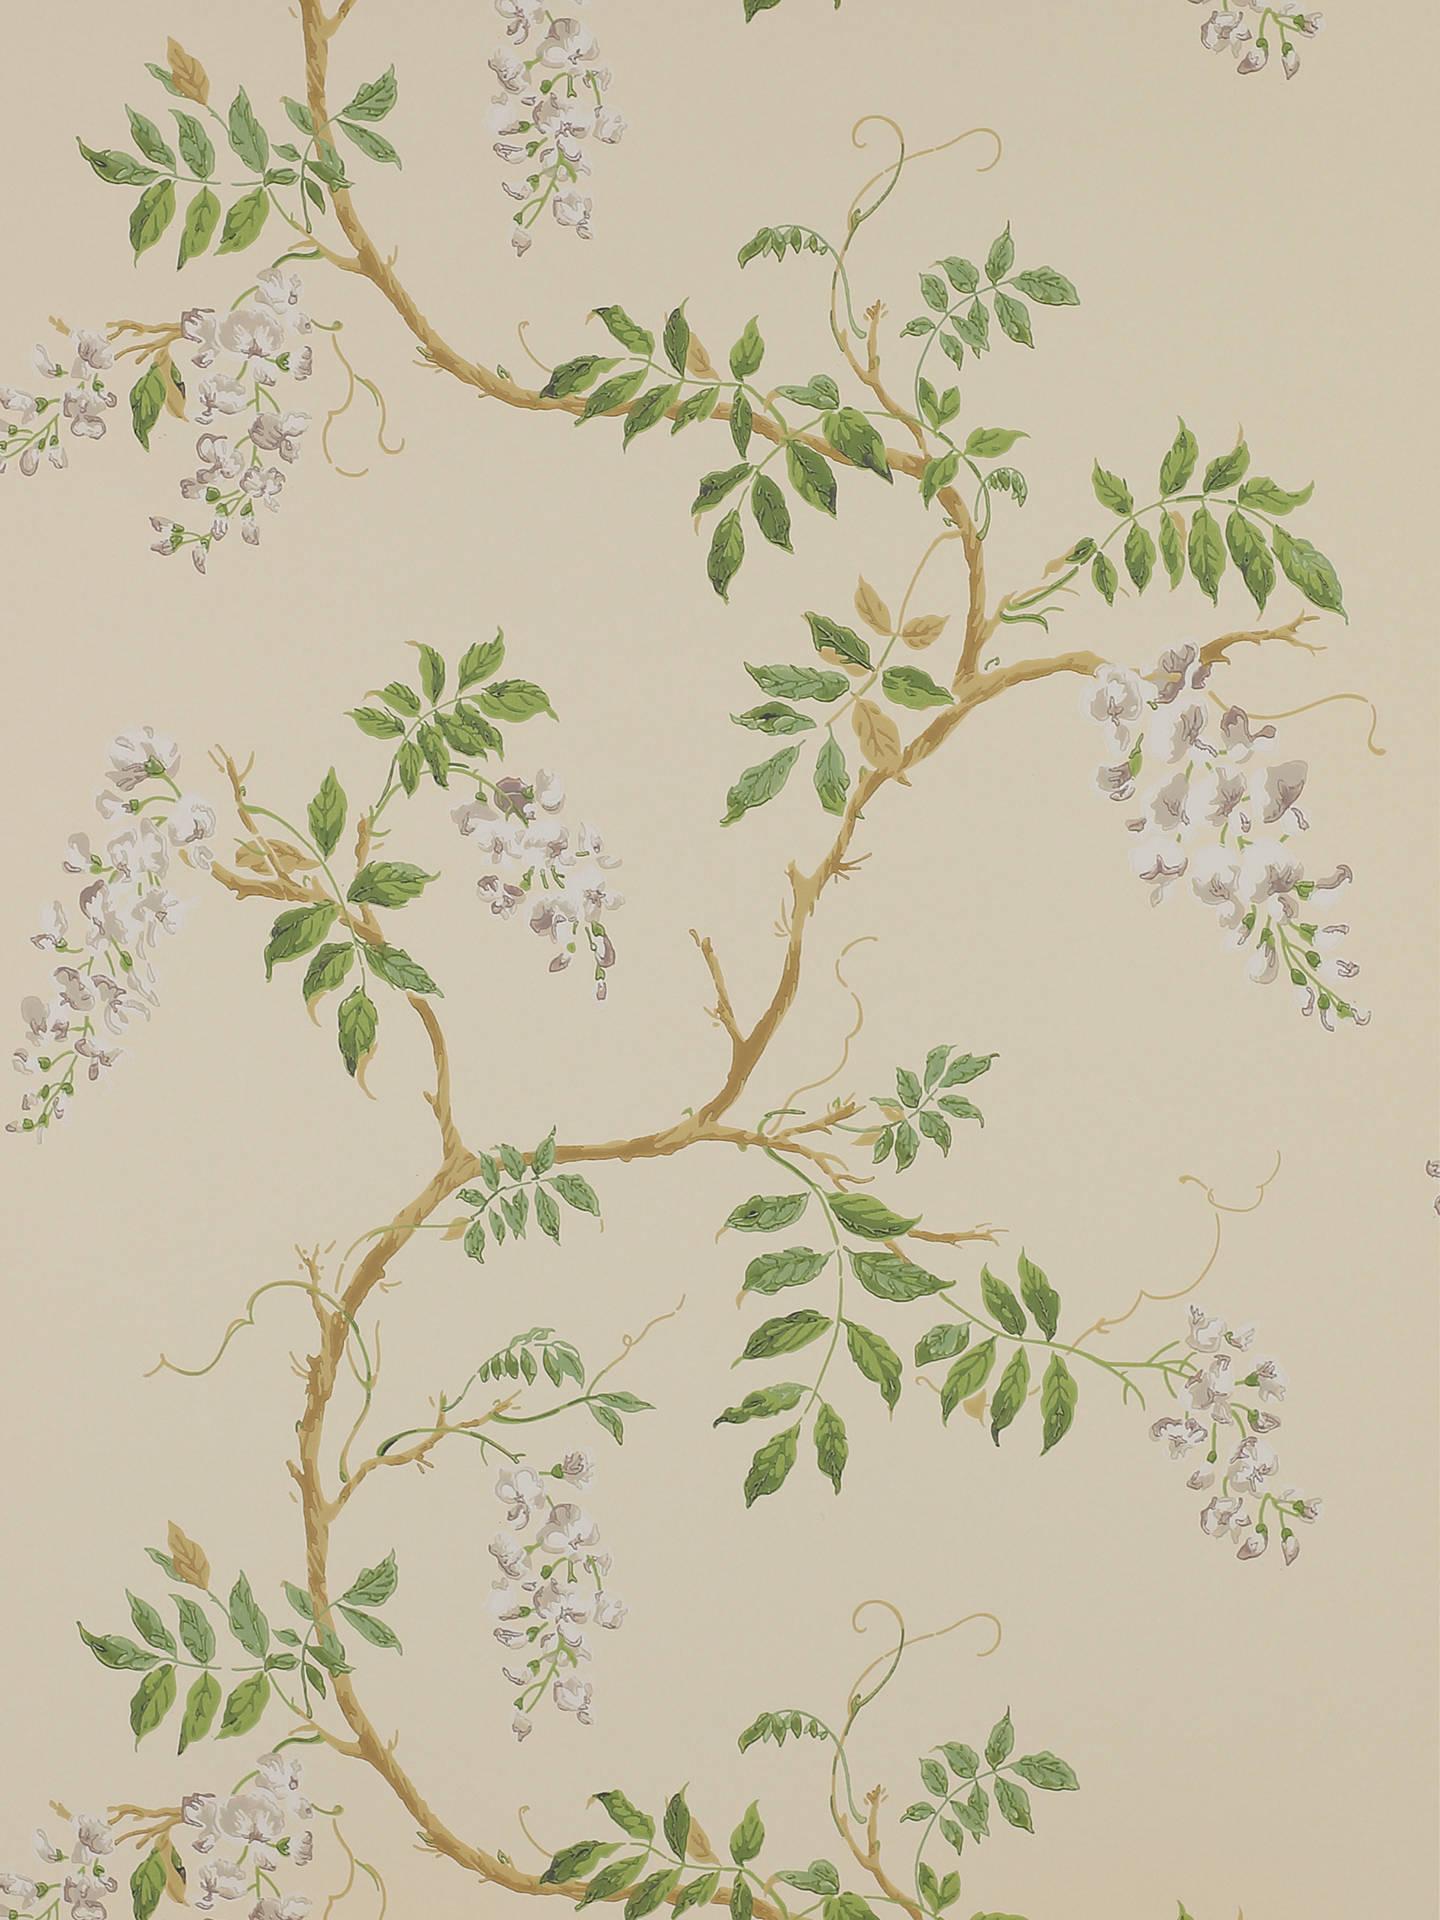 Buy Colefax & Fowler Alderney Wallpaper, Cream 07963/02 - Colefax And Fowler Alderney Aqua , HD Wallpaper & Backgrounds